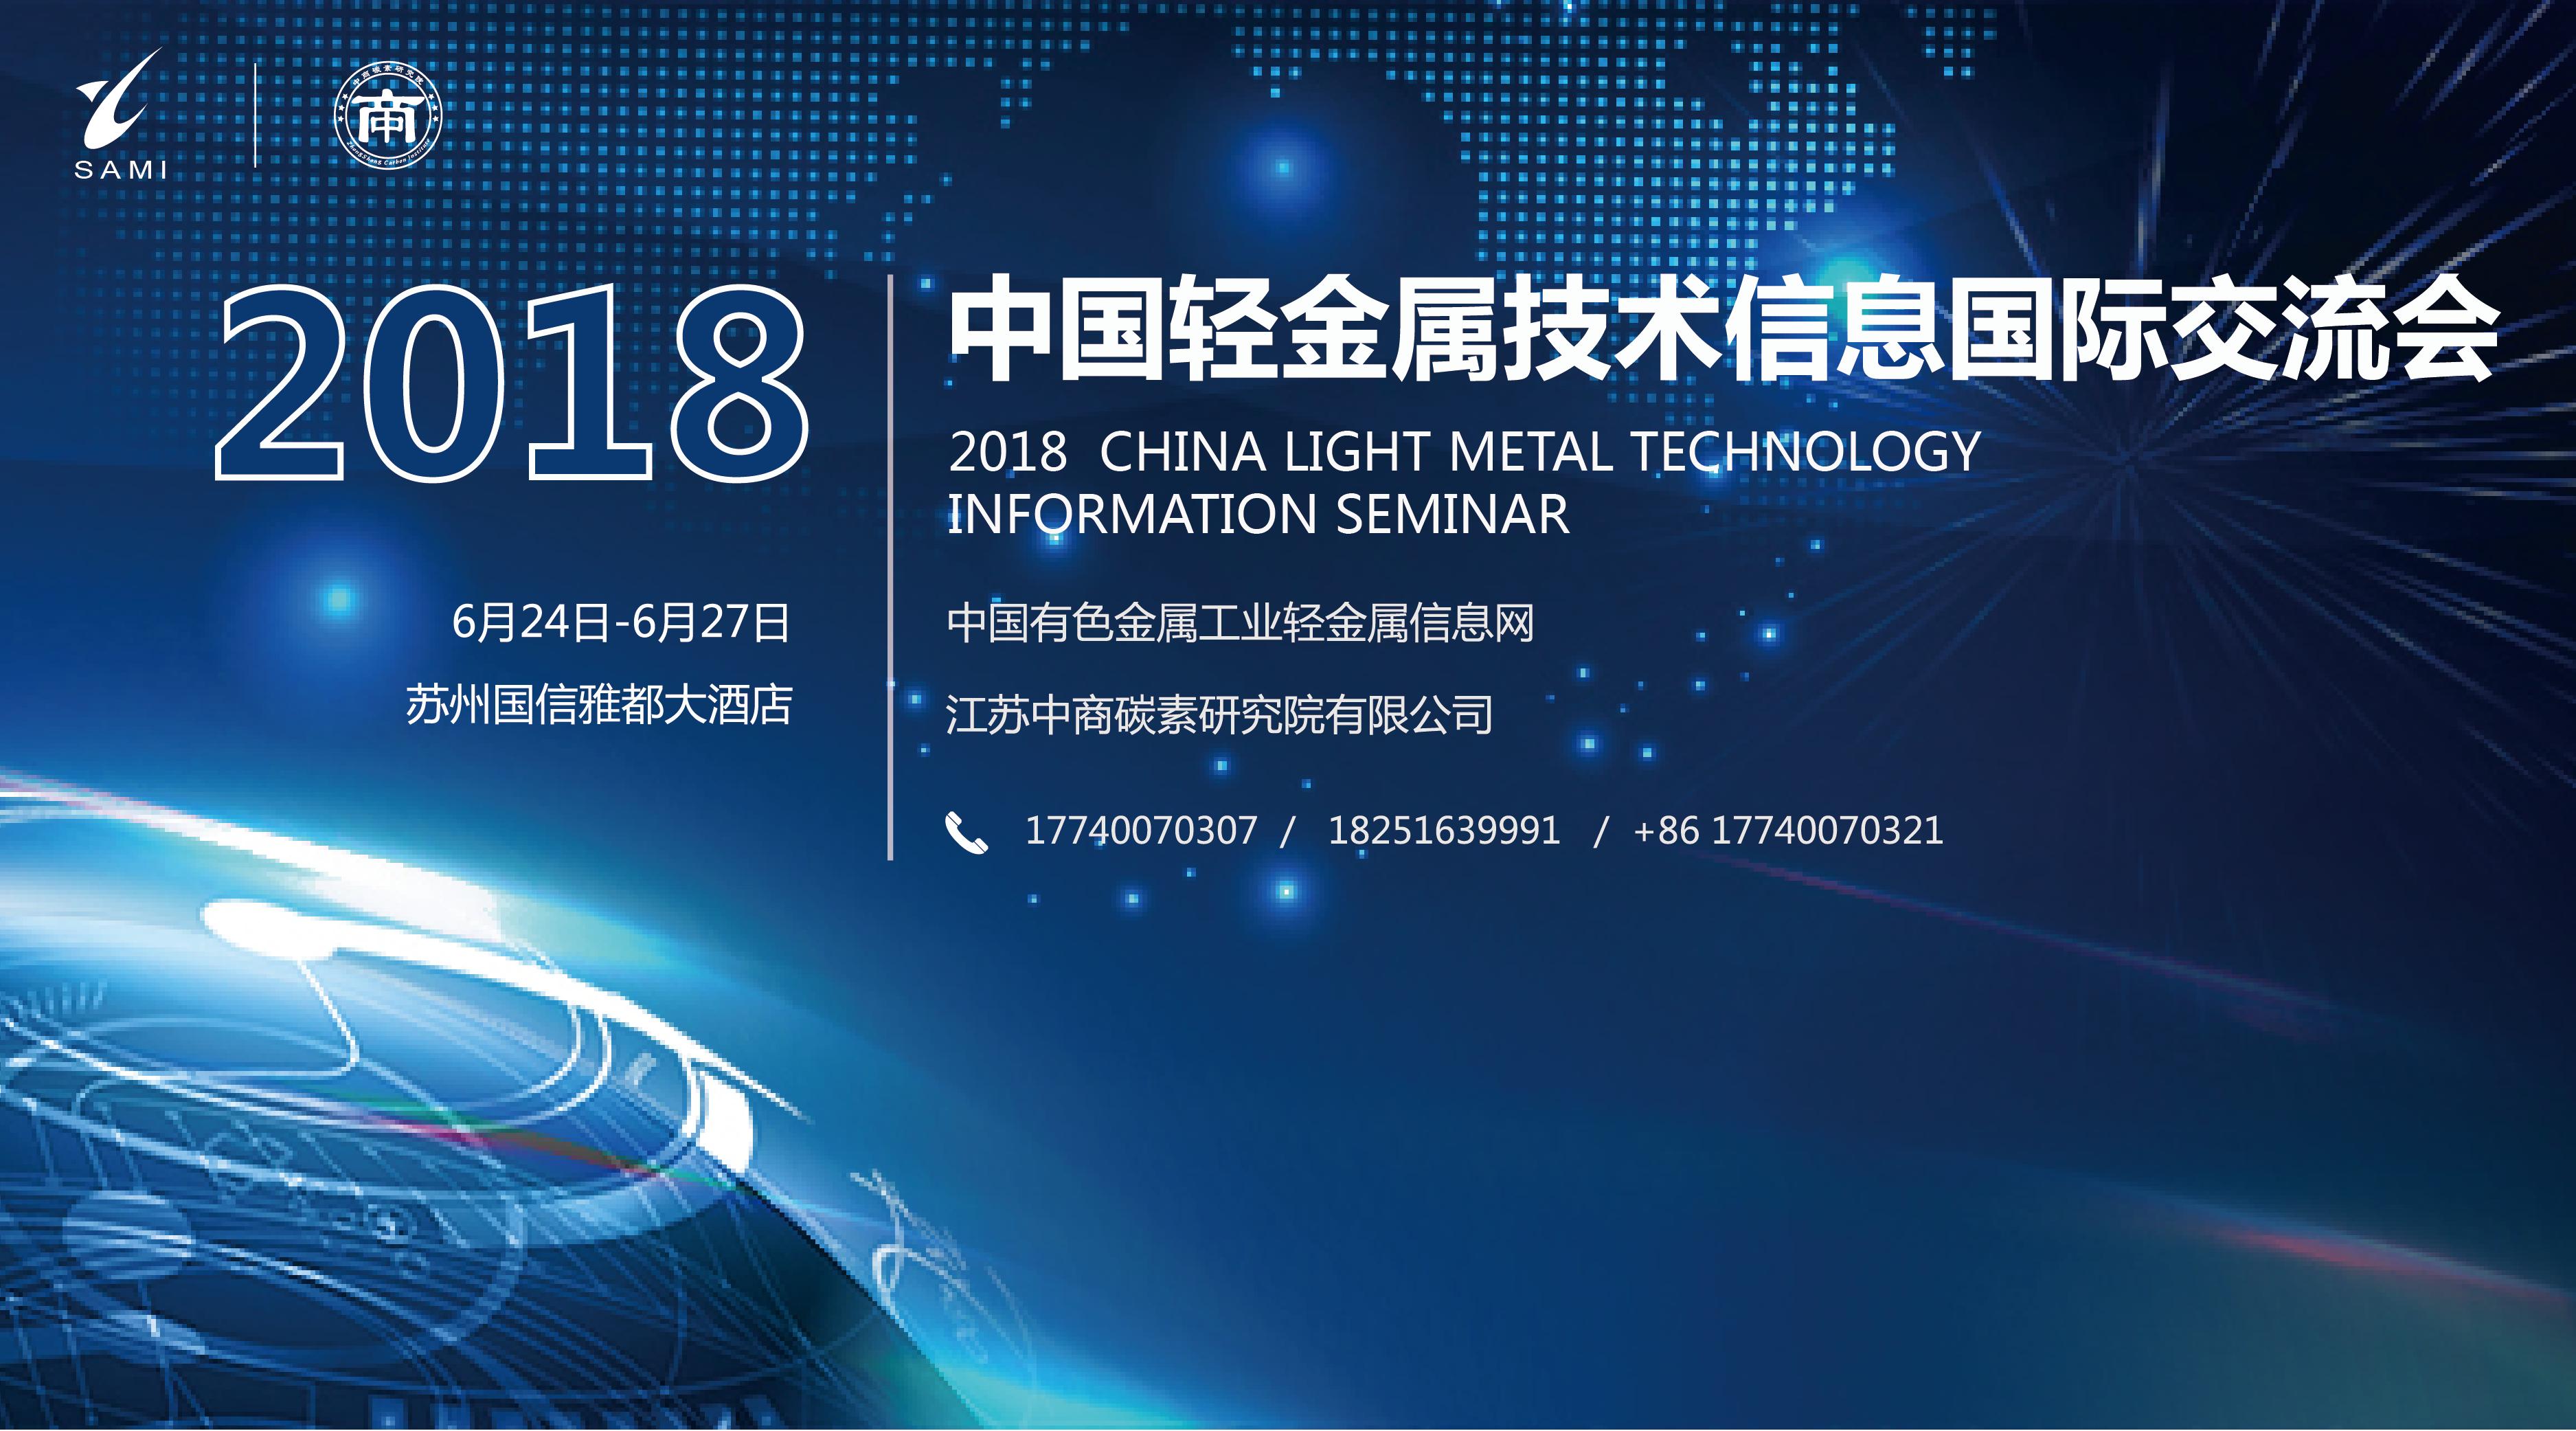 中商碳素直播轻金属会议平台